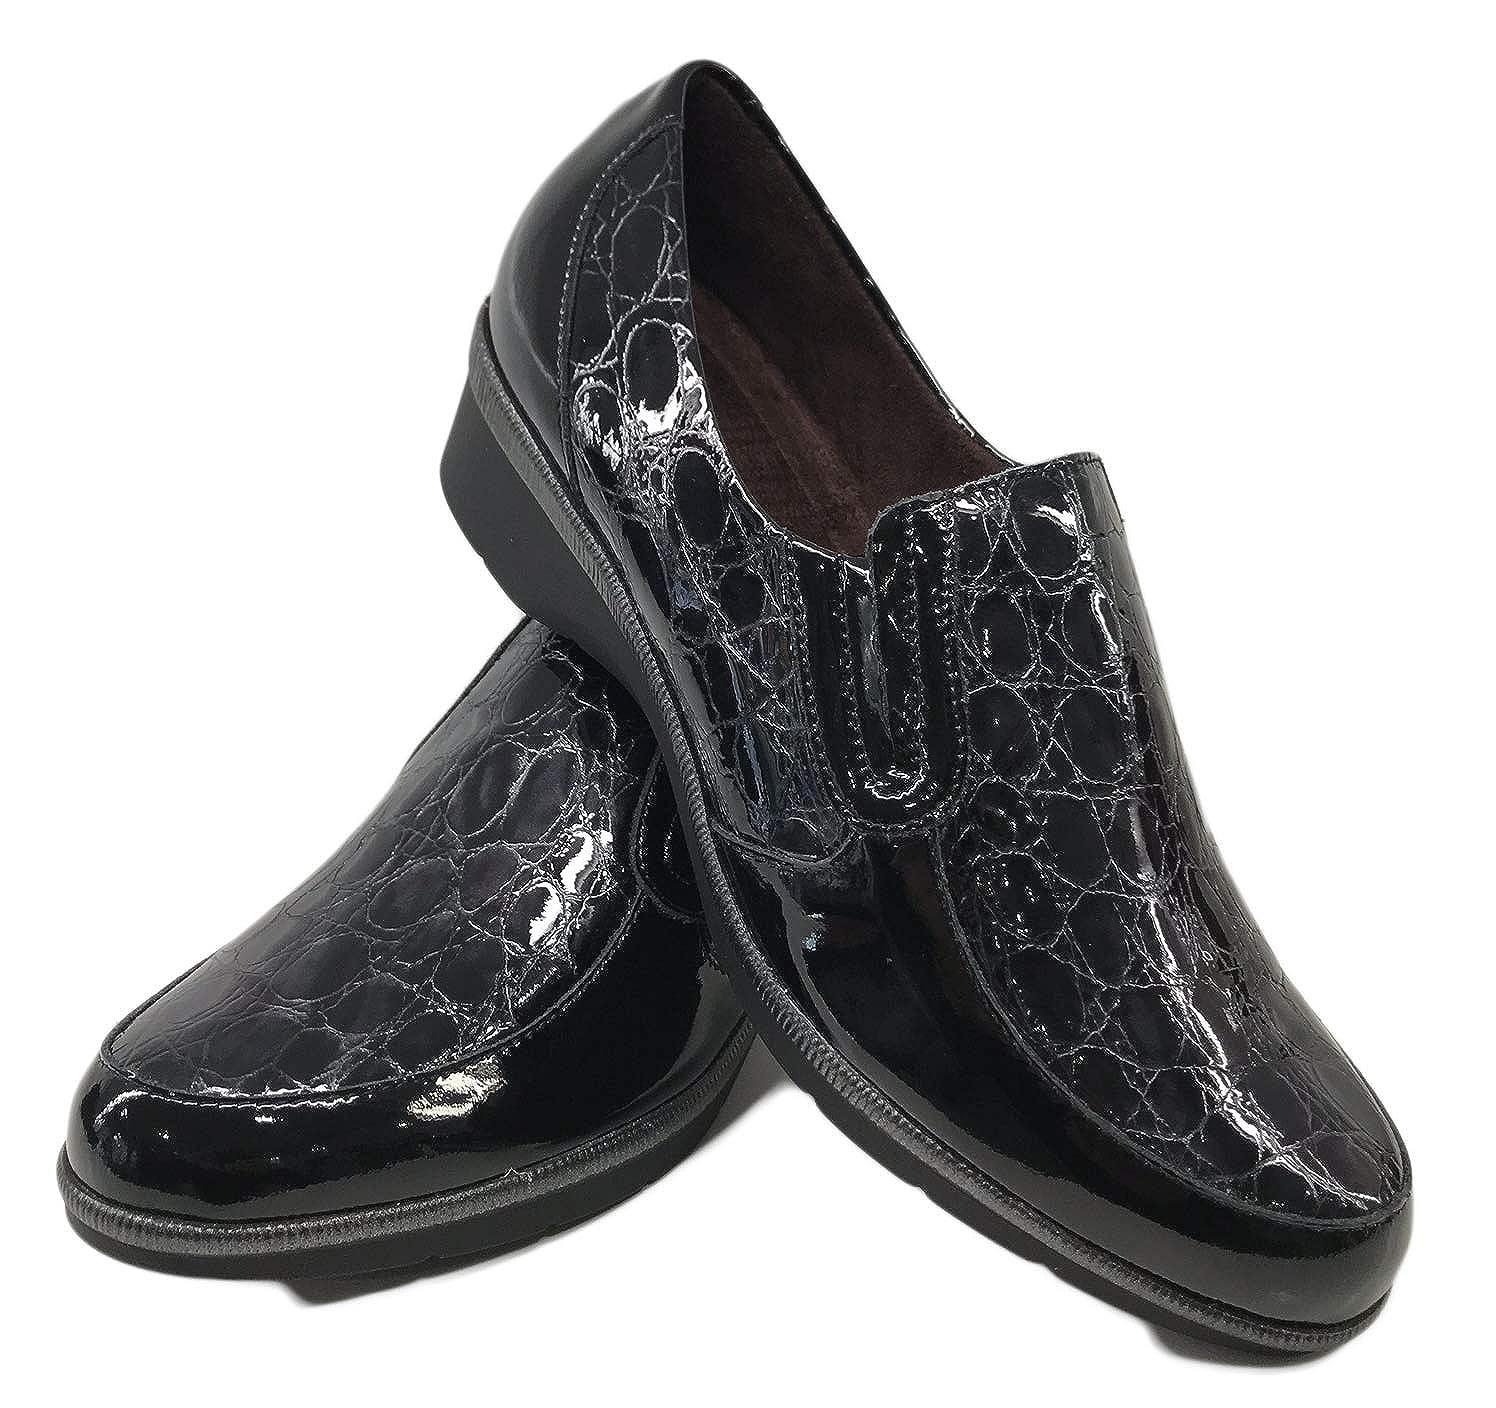 8d638752b54 Zapato Pitillos 5210 Mocasin Combinado Charol